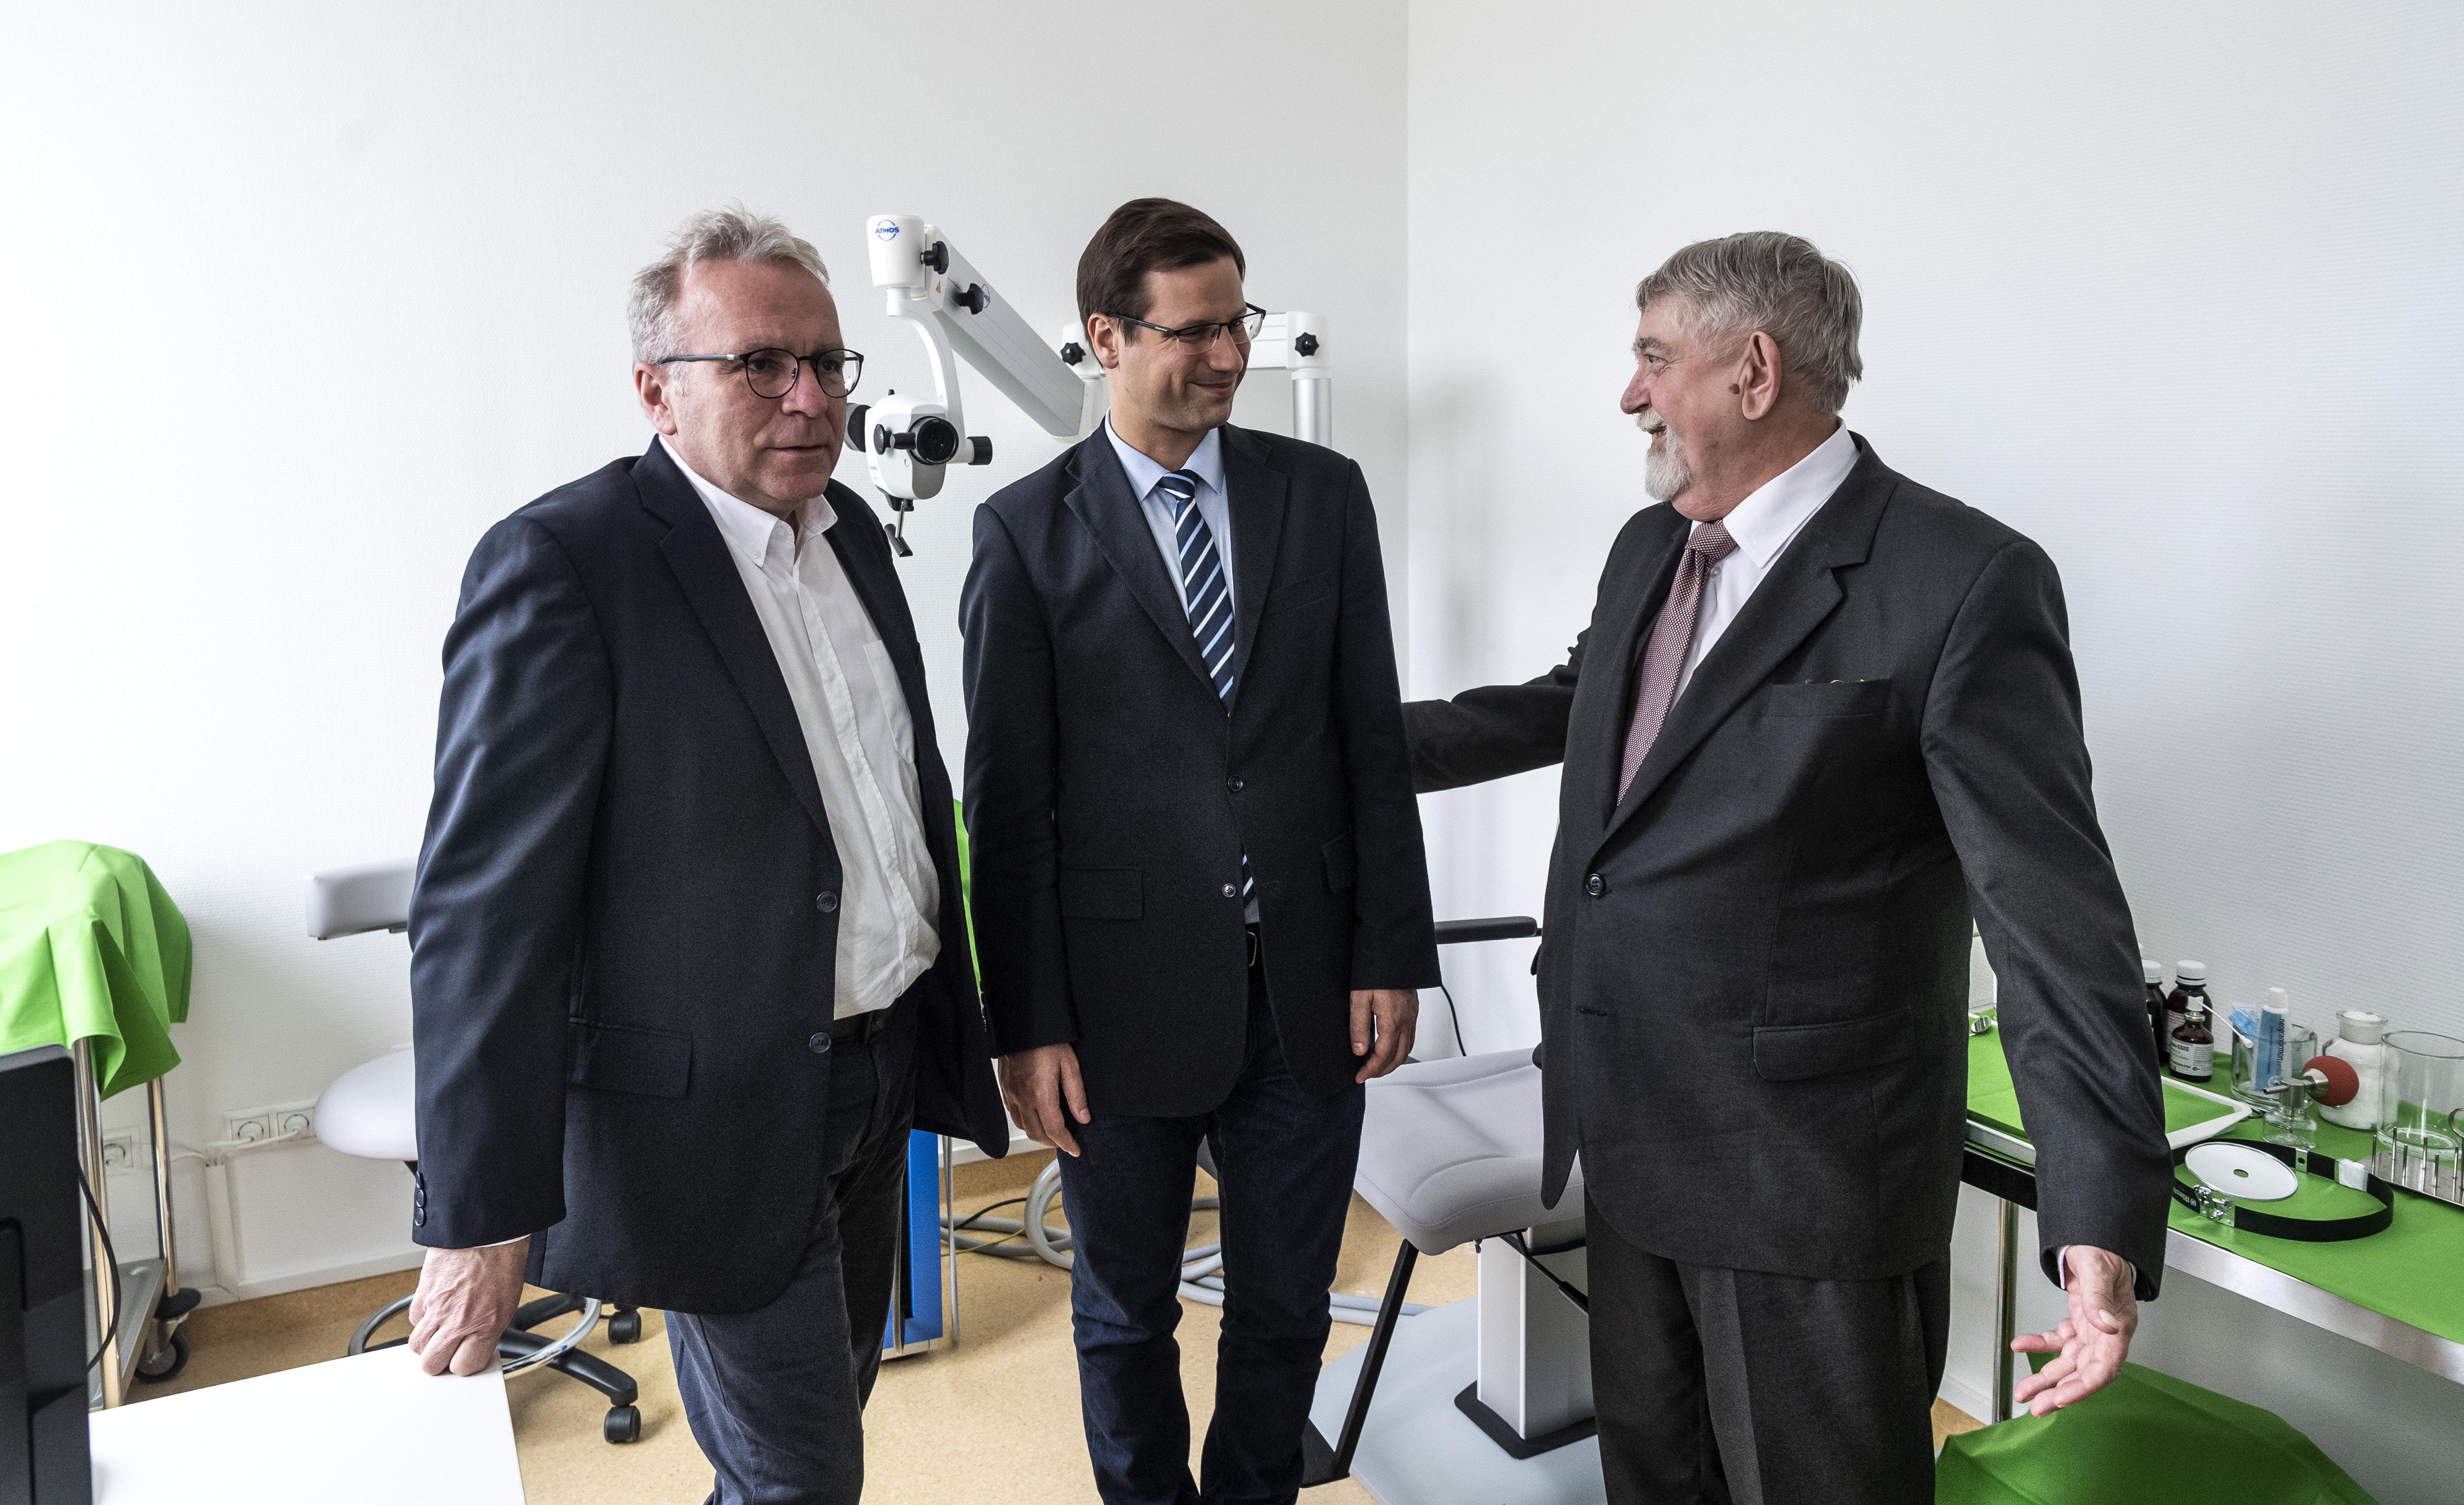 János-kórház: Az ellenzéki sajtó visszájára fordít és a negatív kampány részévé tesz egy jó szándékú kezdeményezést